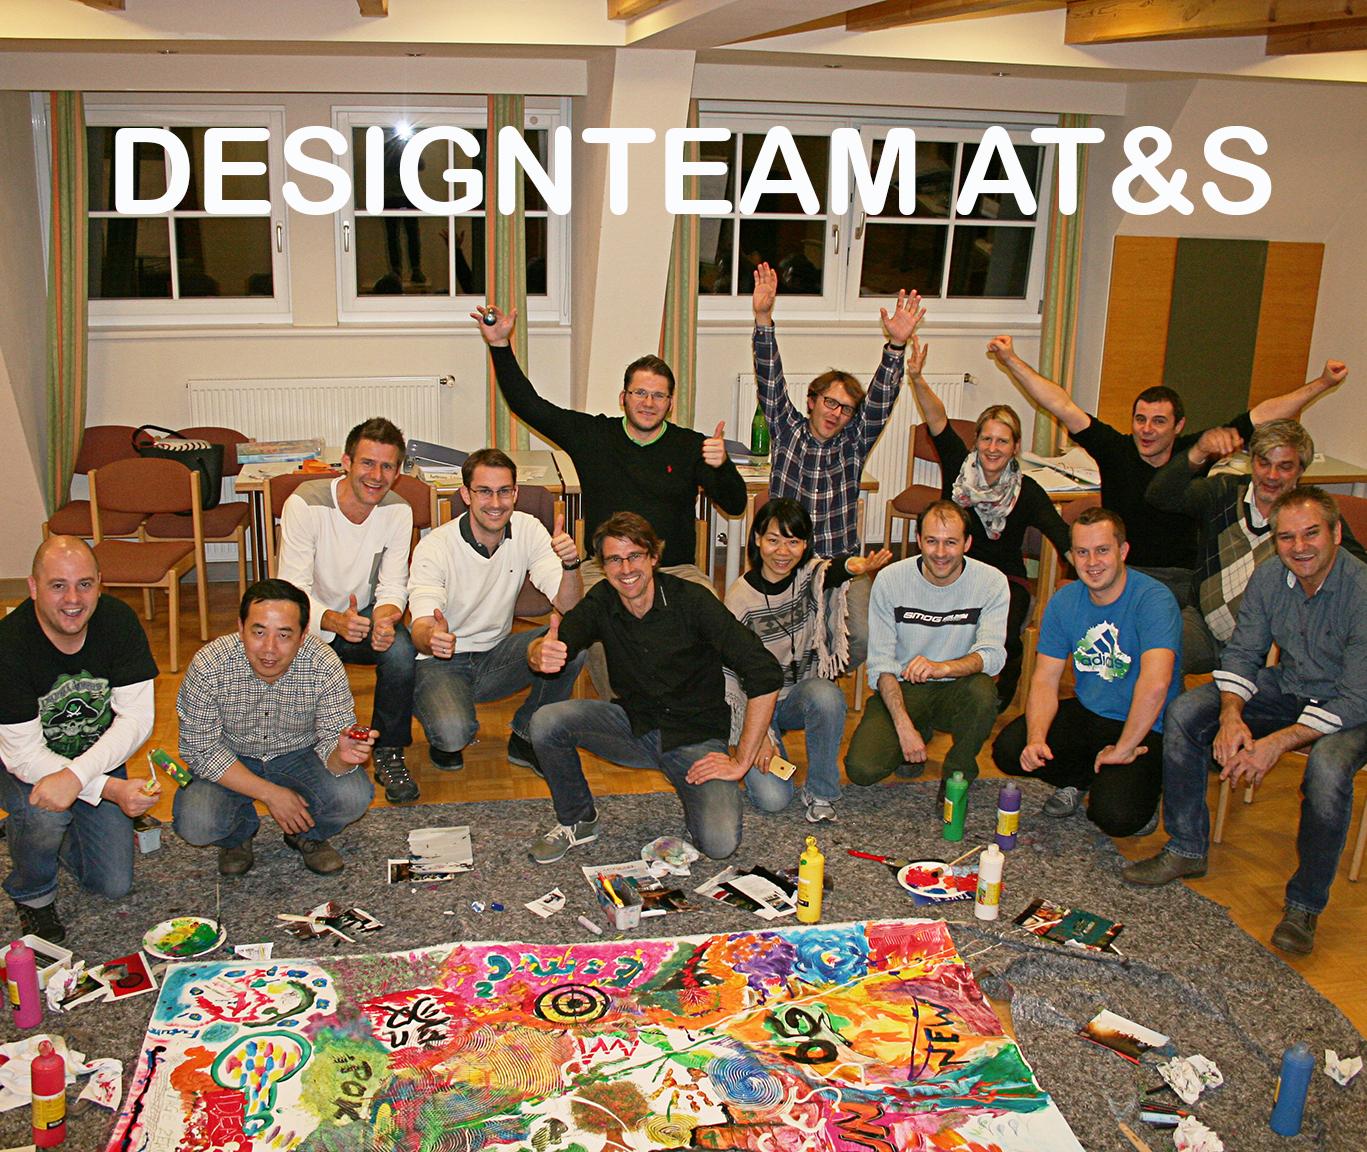 Team AT&S